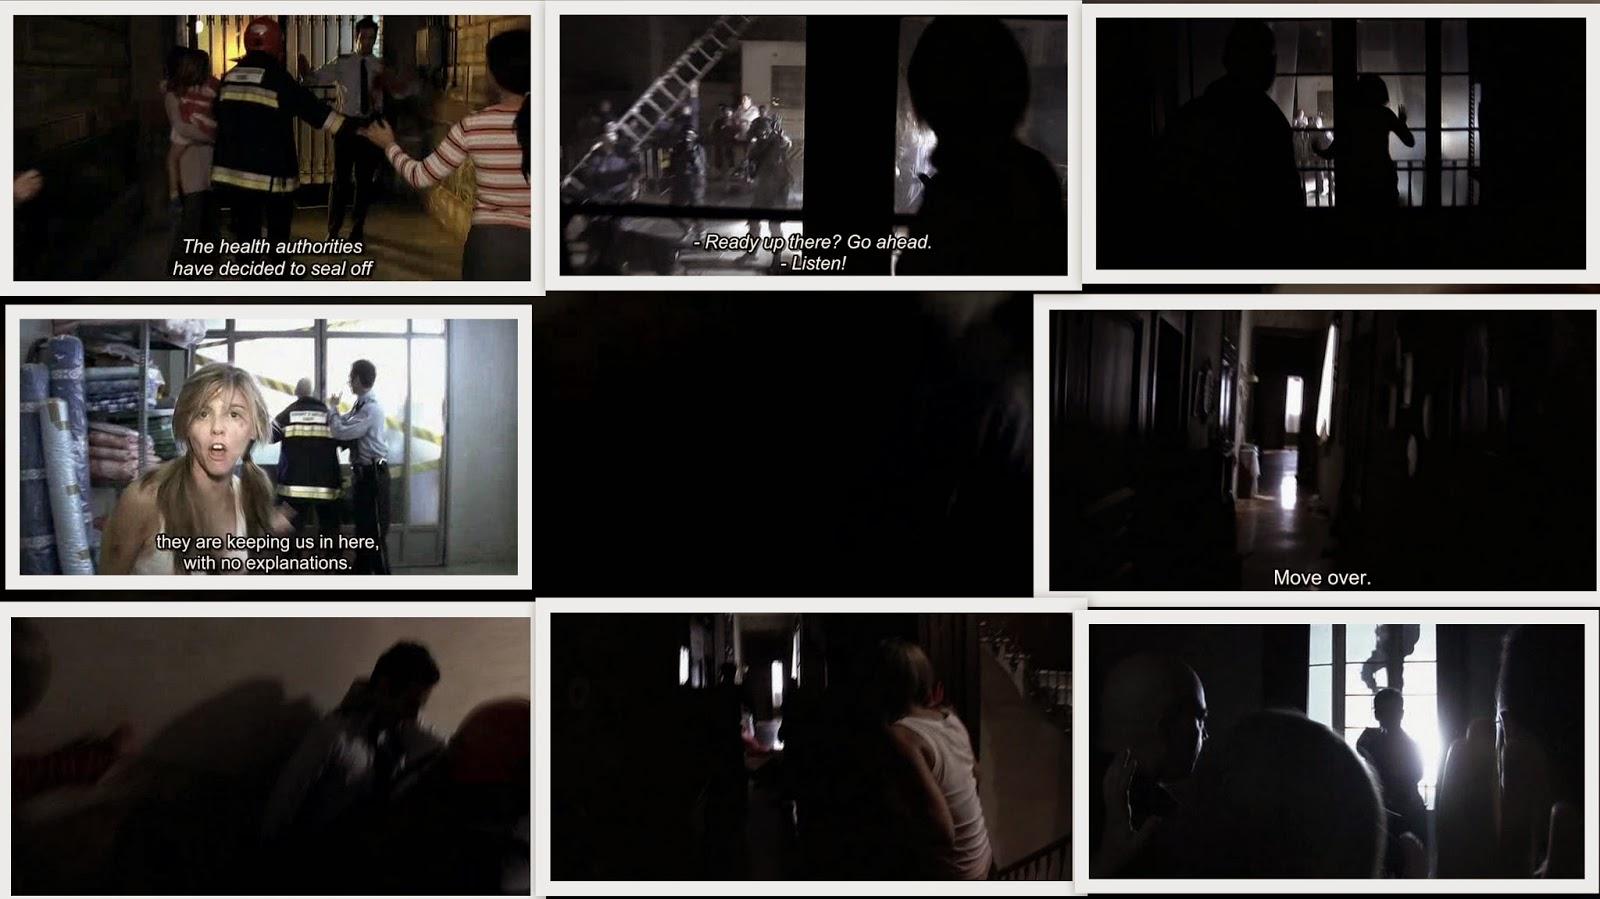 [Rec] (2007) - Spanish Movie